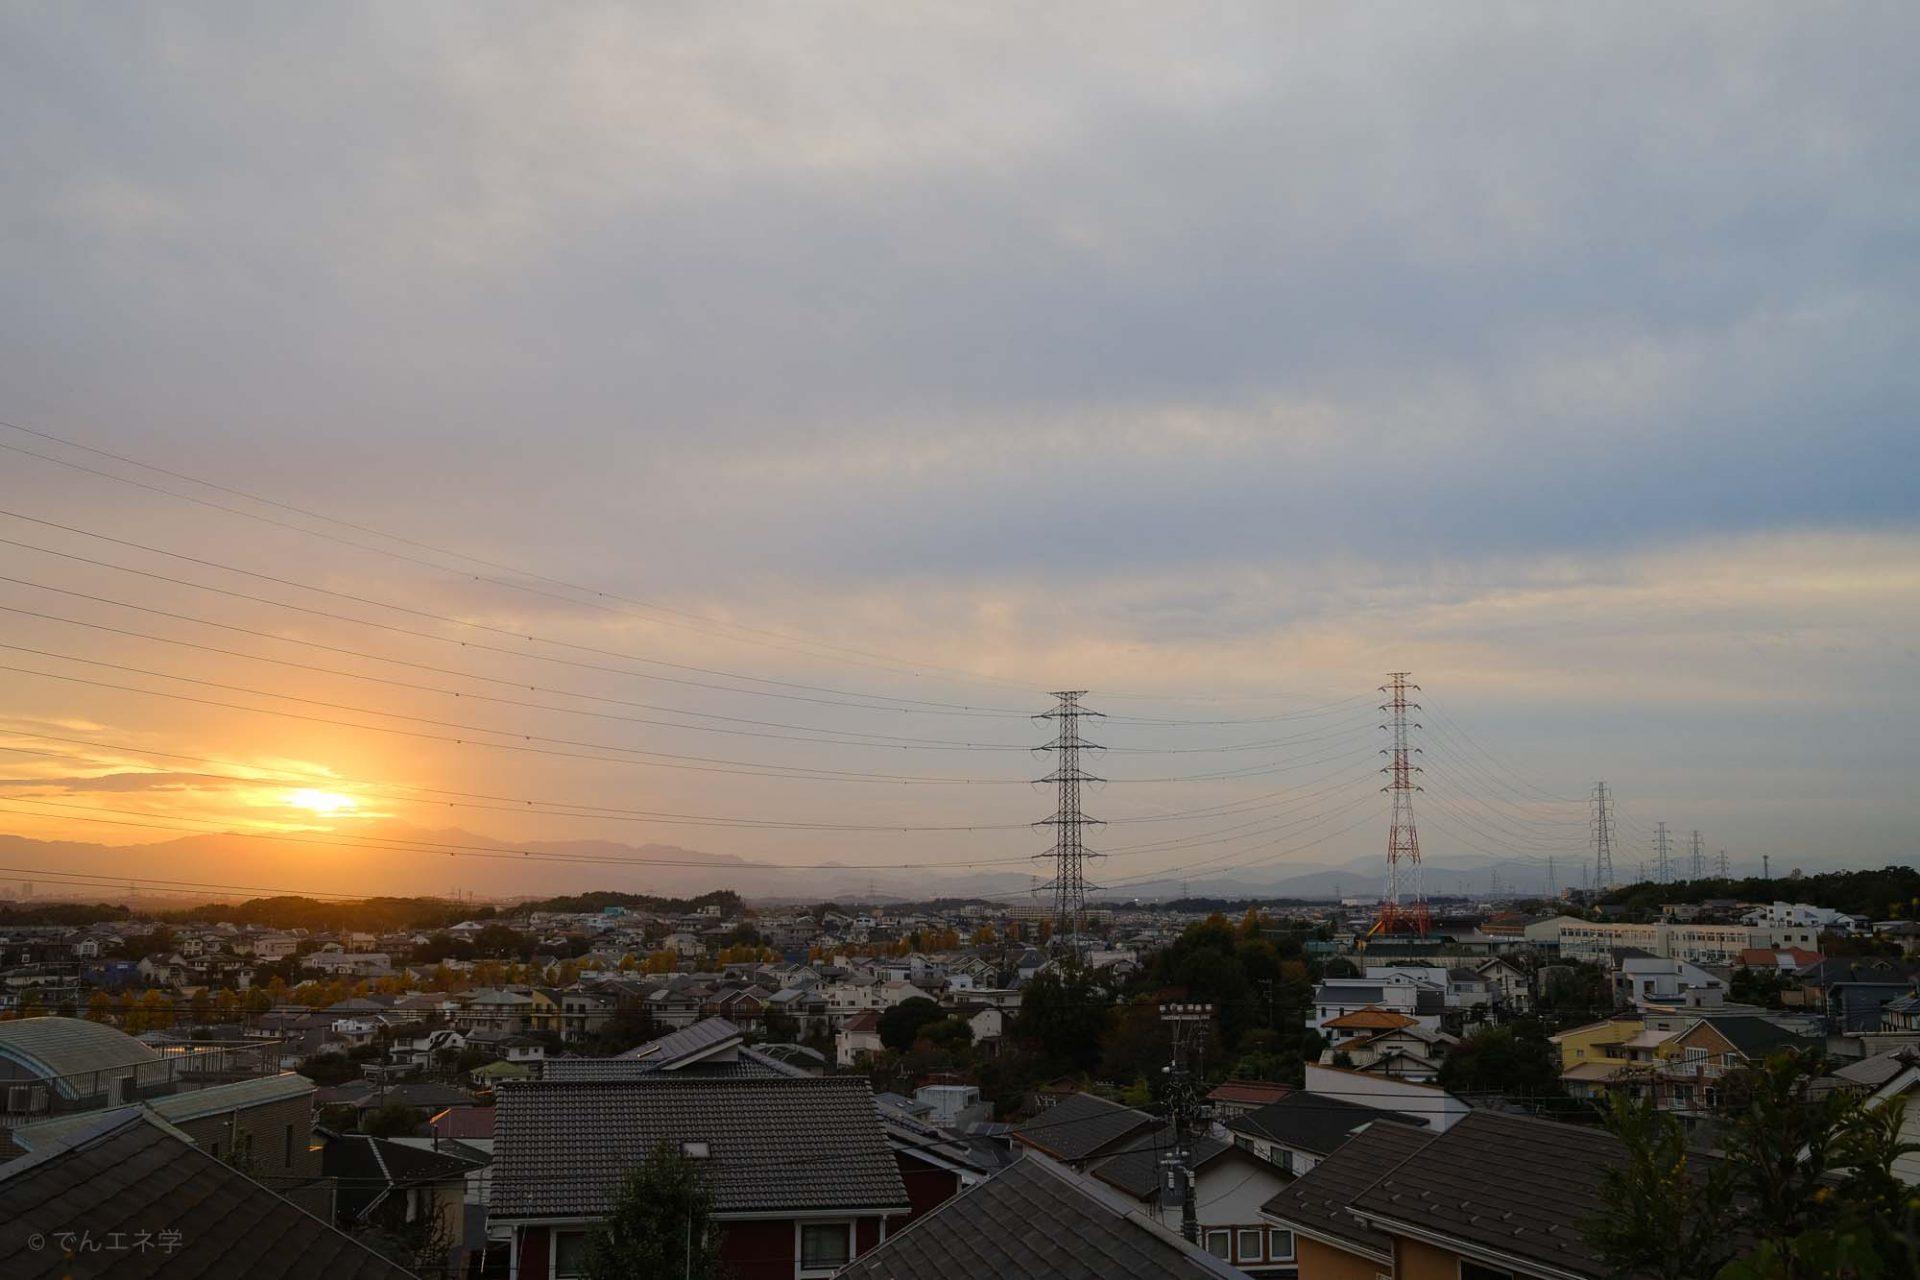 住宅街と高い鉄塔、太陽